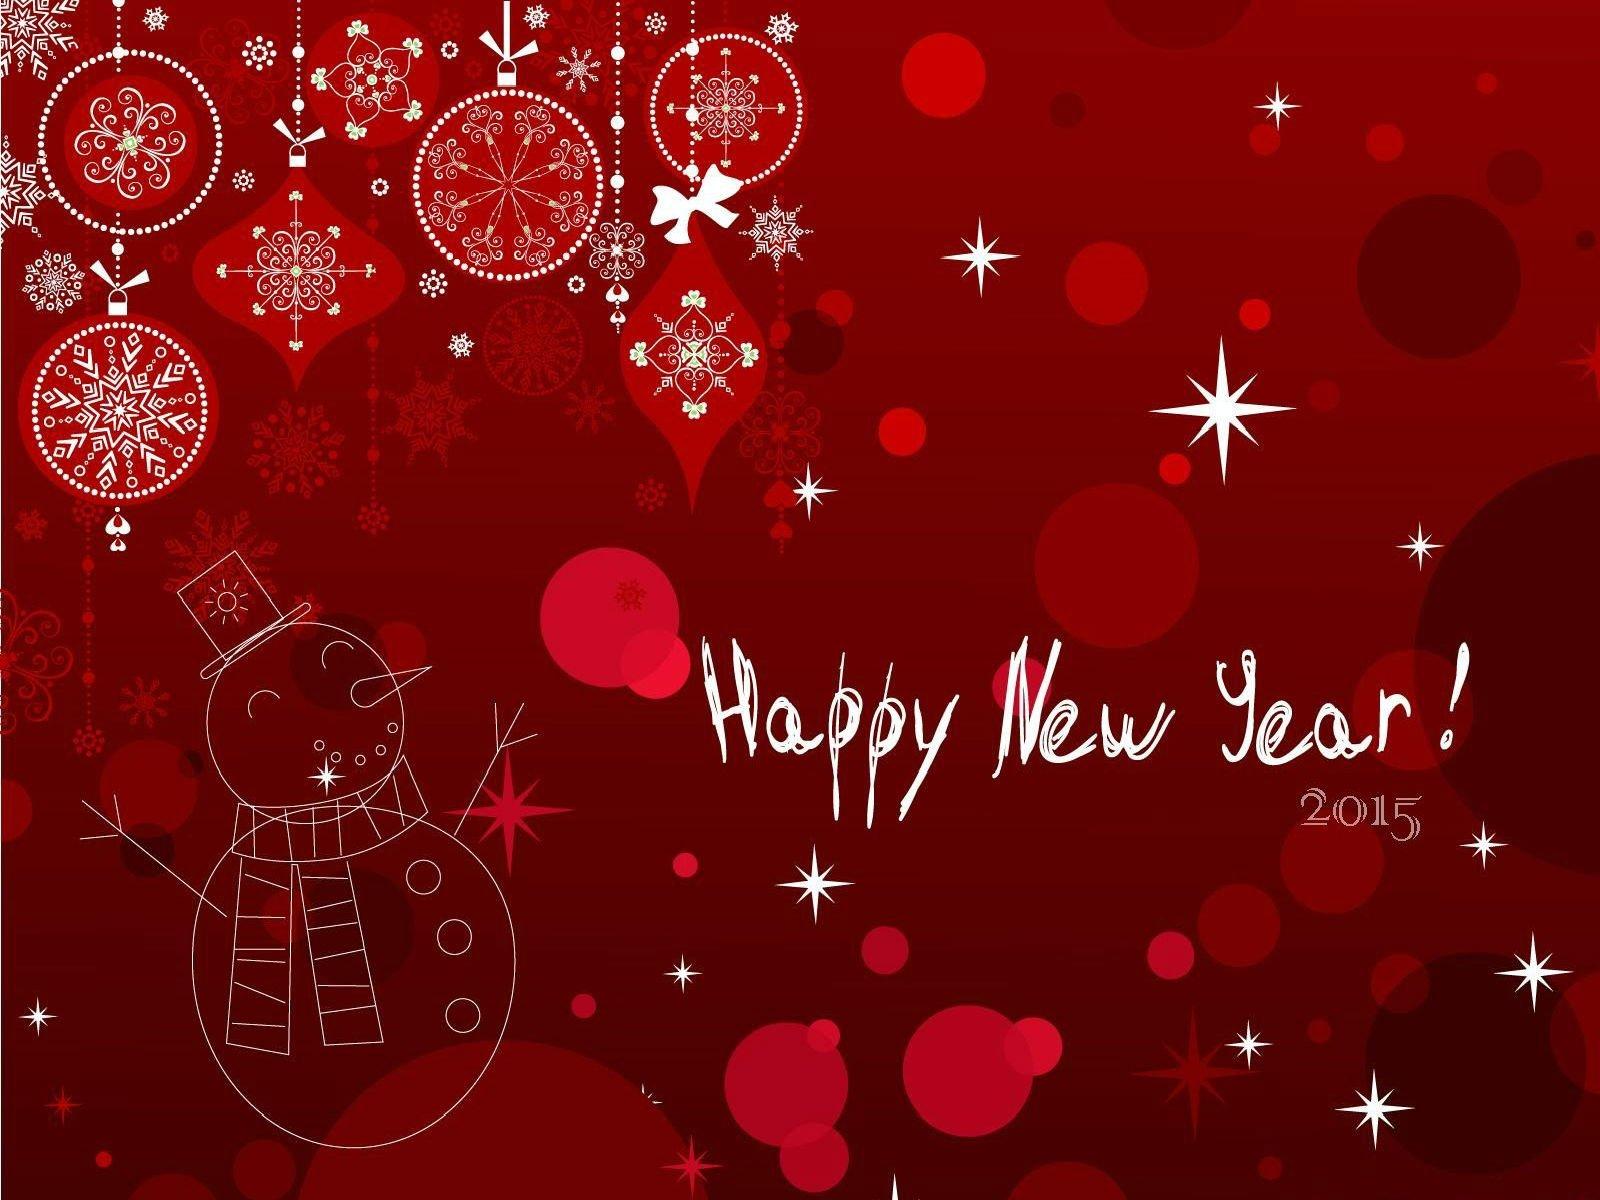 Новогодние открытки к 2015 году, днем рождения